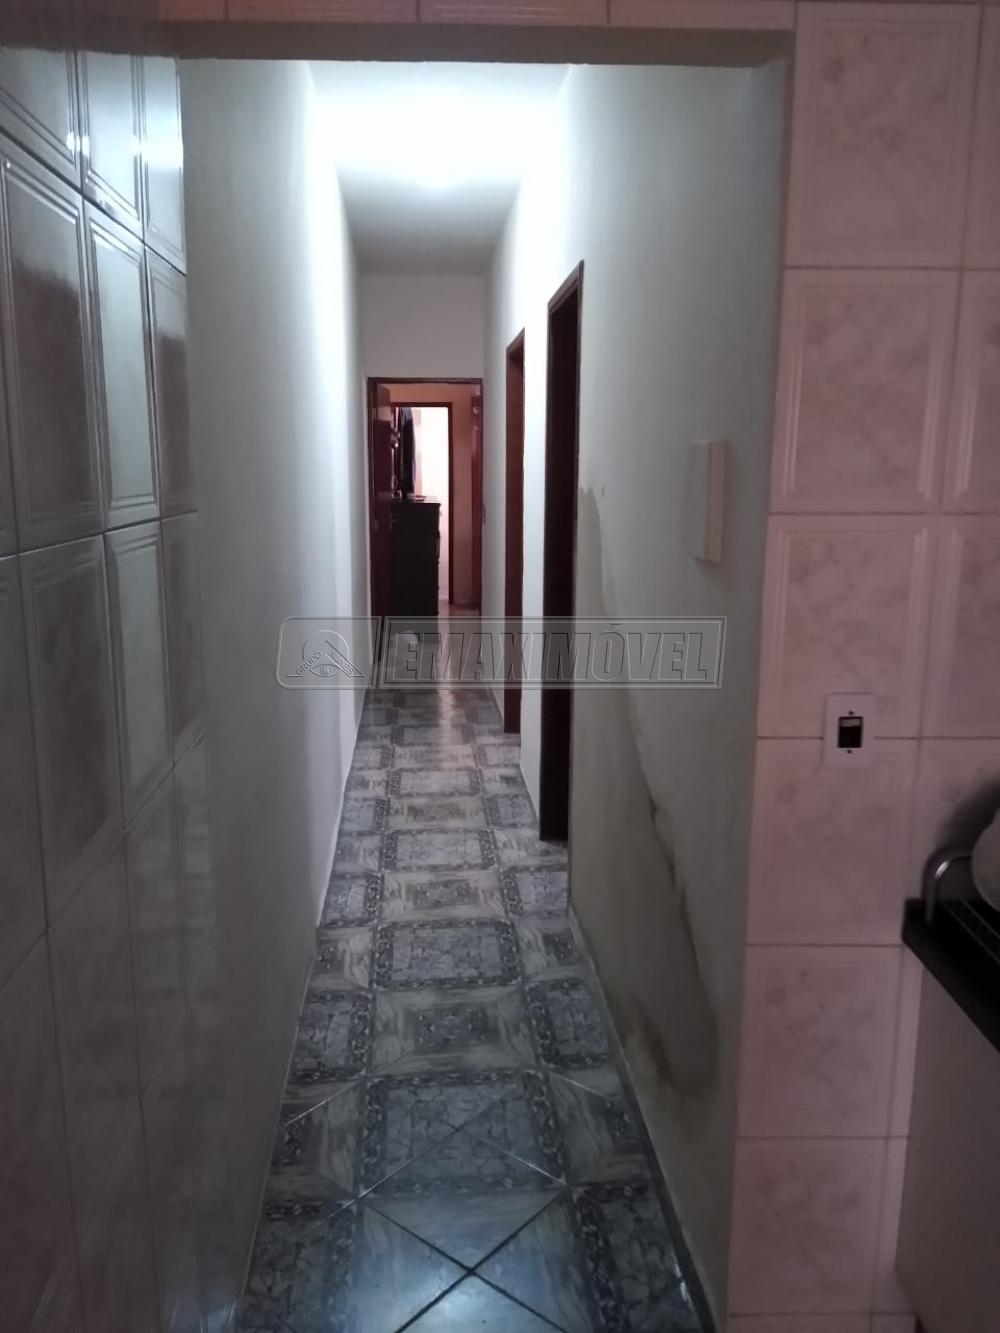 Comprar Casas / em Bairros em Sorocaba R$ 210.000,00 - Foto 7